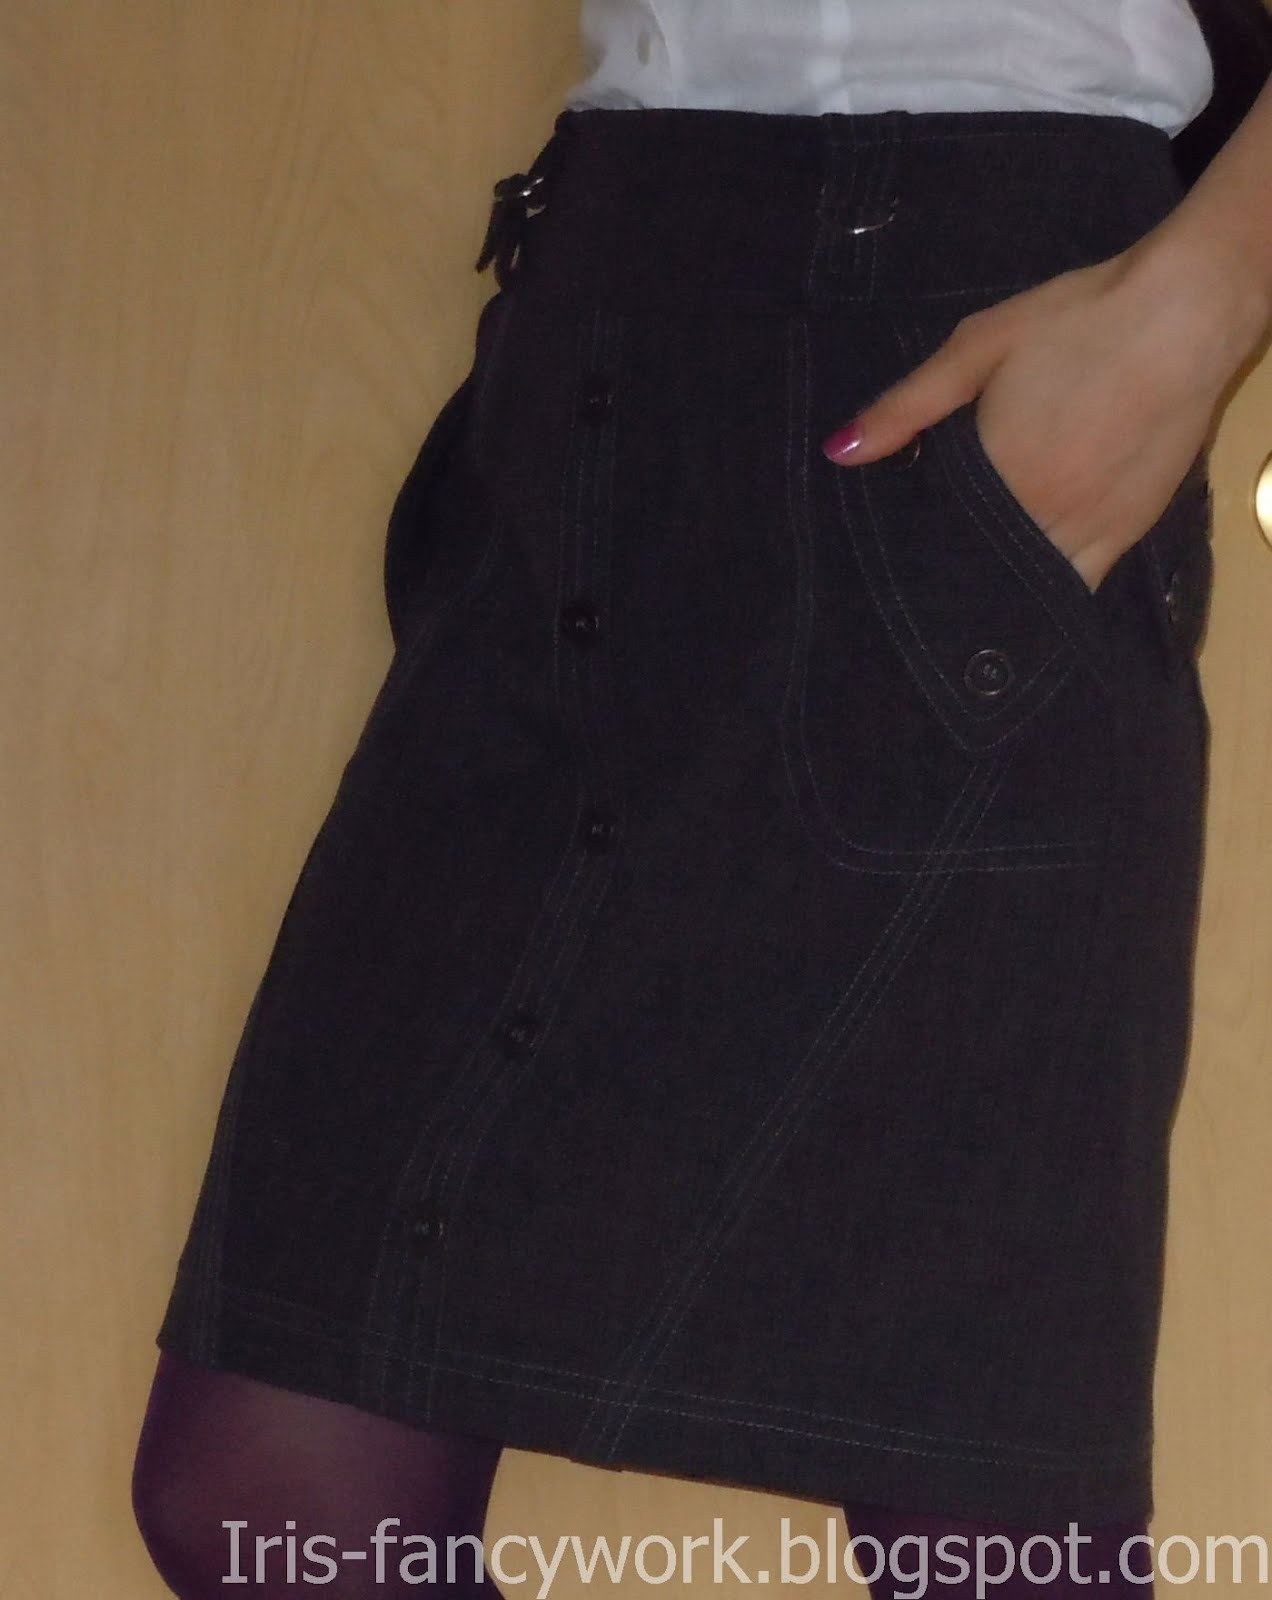 Шьем юбки своими руками. Длинная юбка или юбка-мини, юбка 99